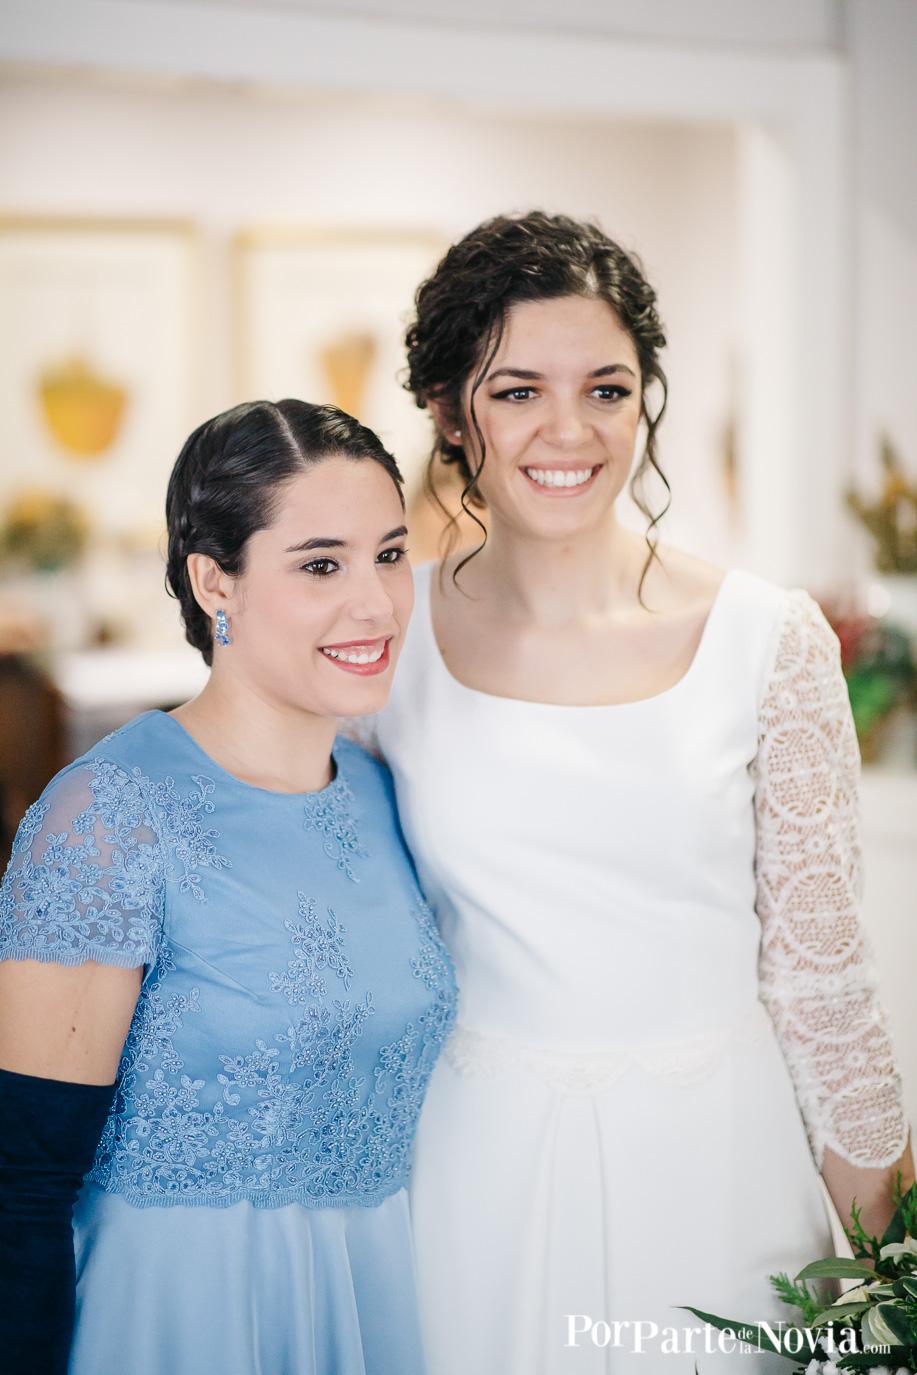 Maria y Jaime 0399 web.jpg